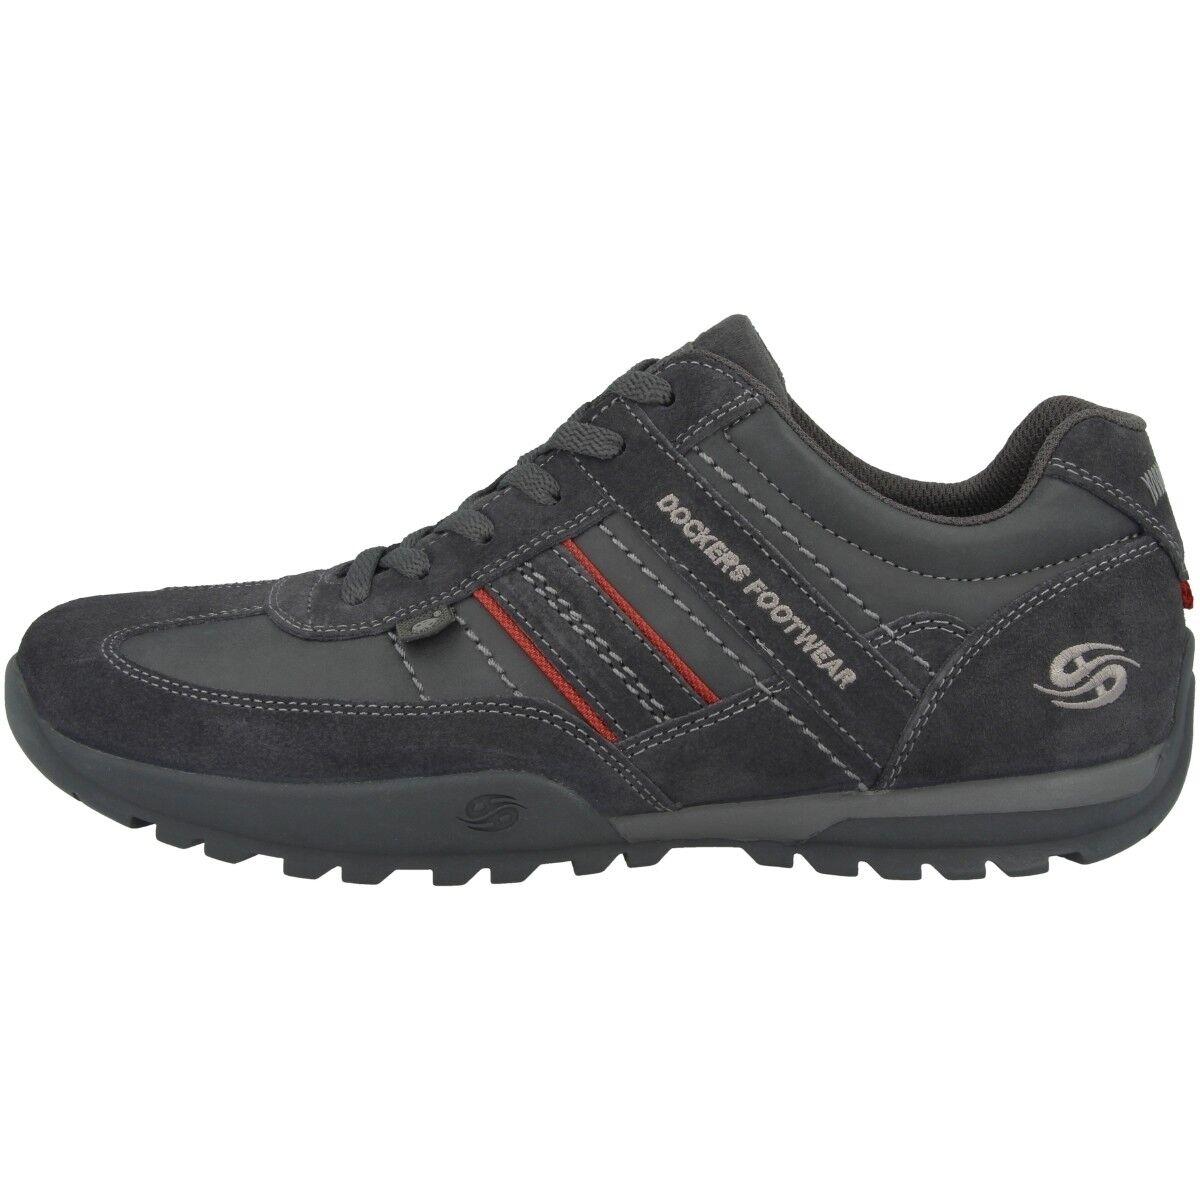 DOCKERS by Sneaker Gerli 36ht001 Scarpe Uomo Sneaker by Lacci asfalto 36ht001-204230 5dd4d5